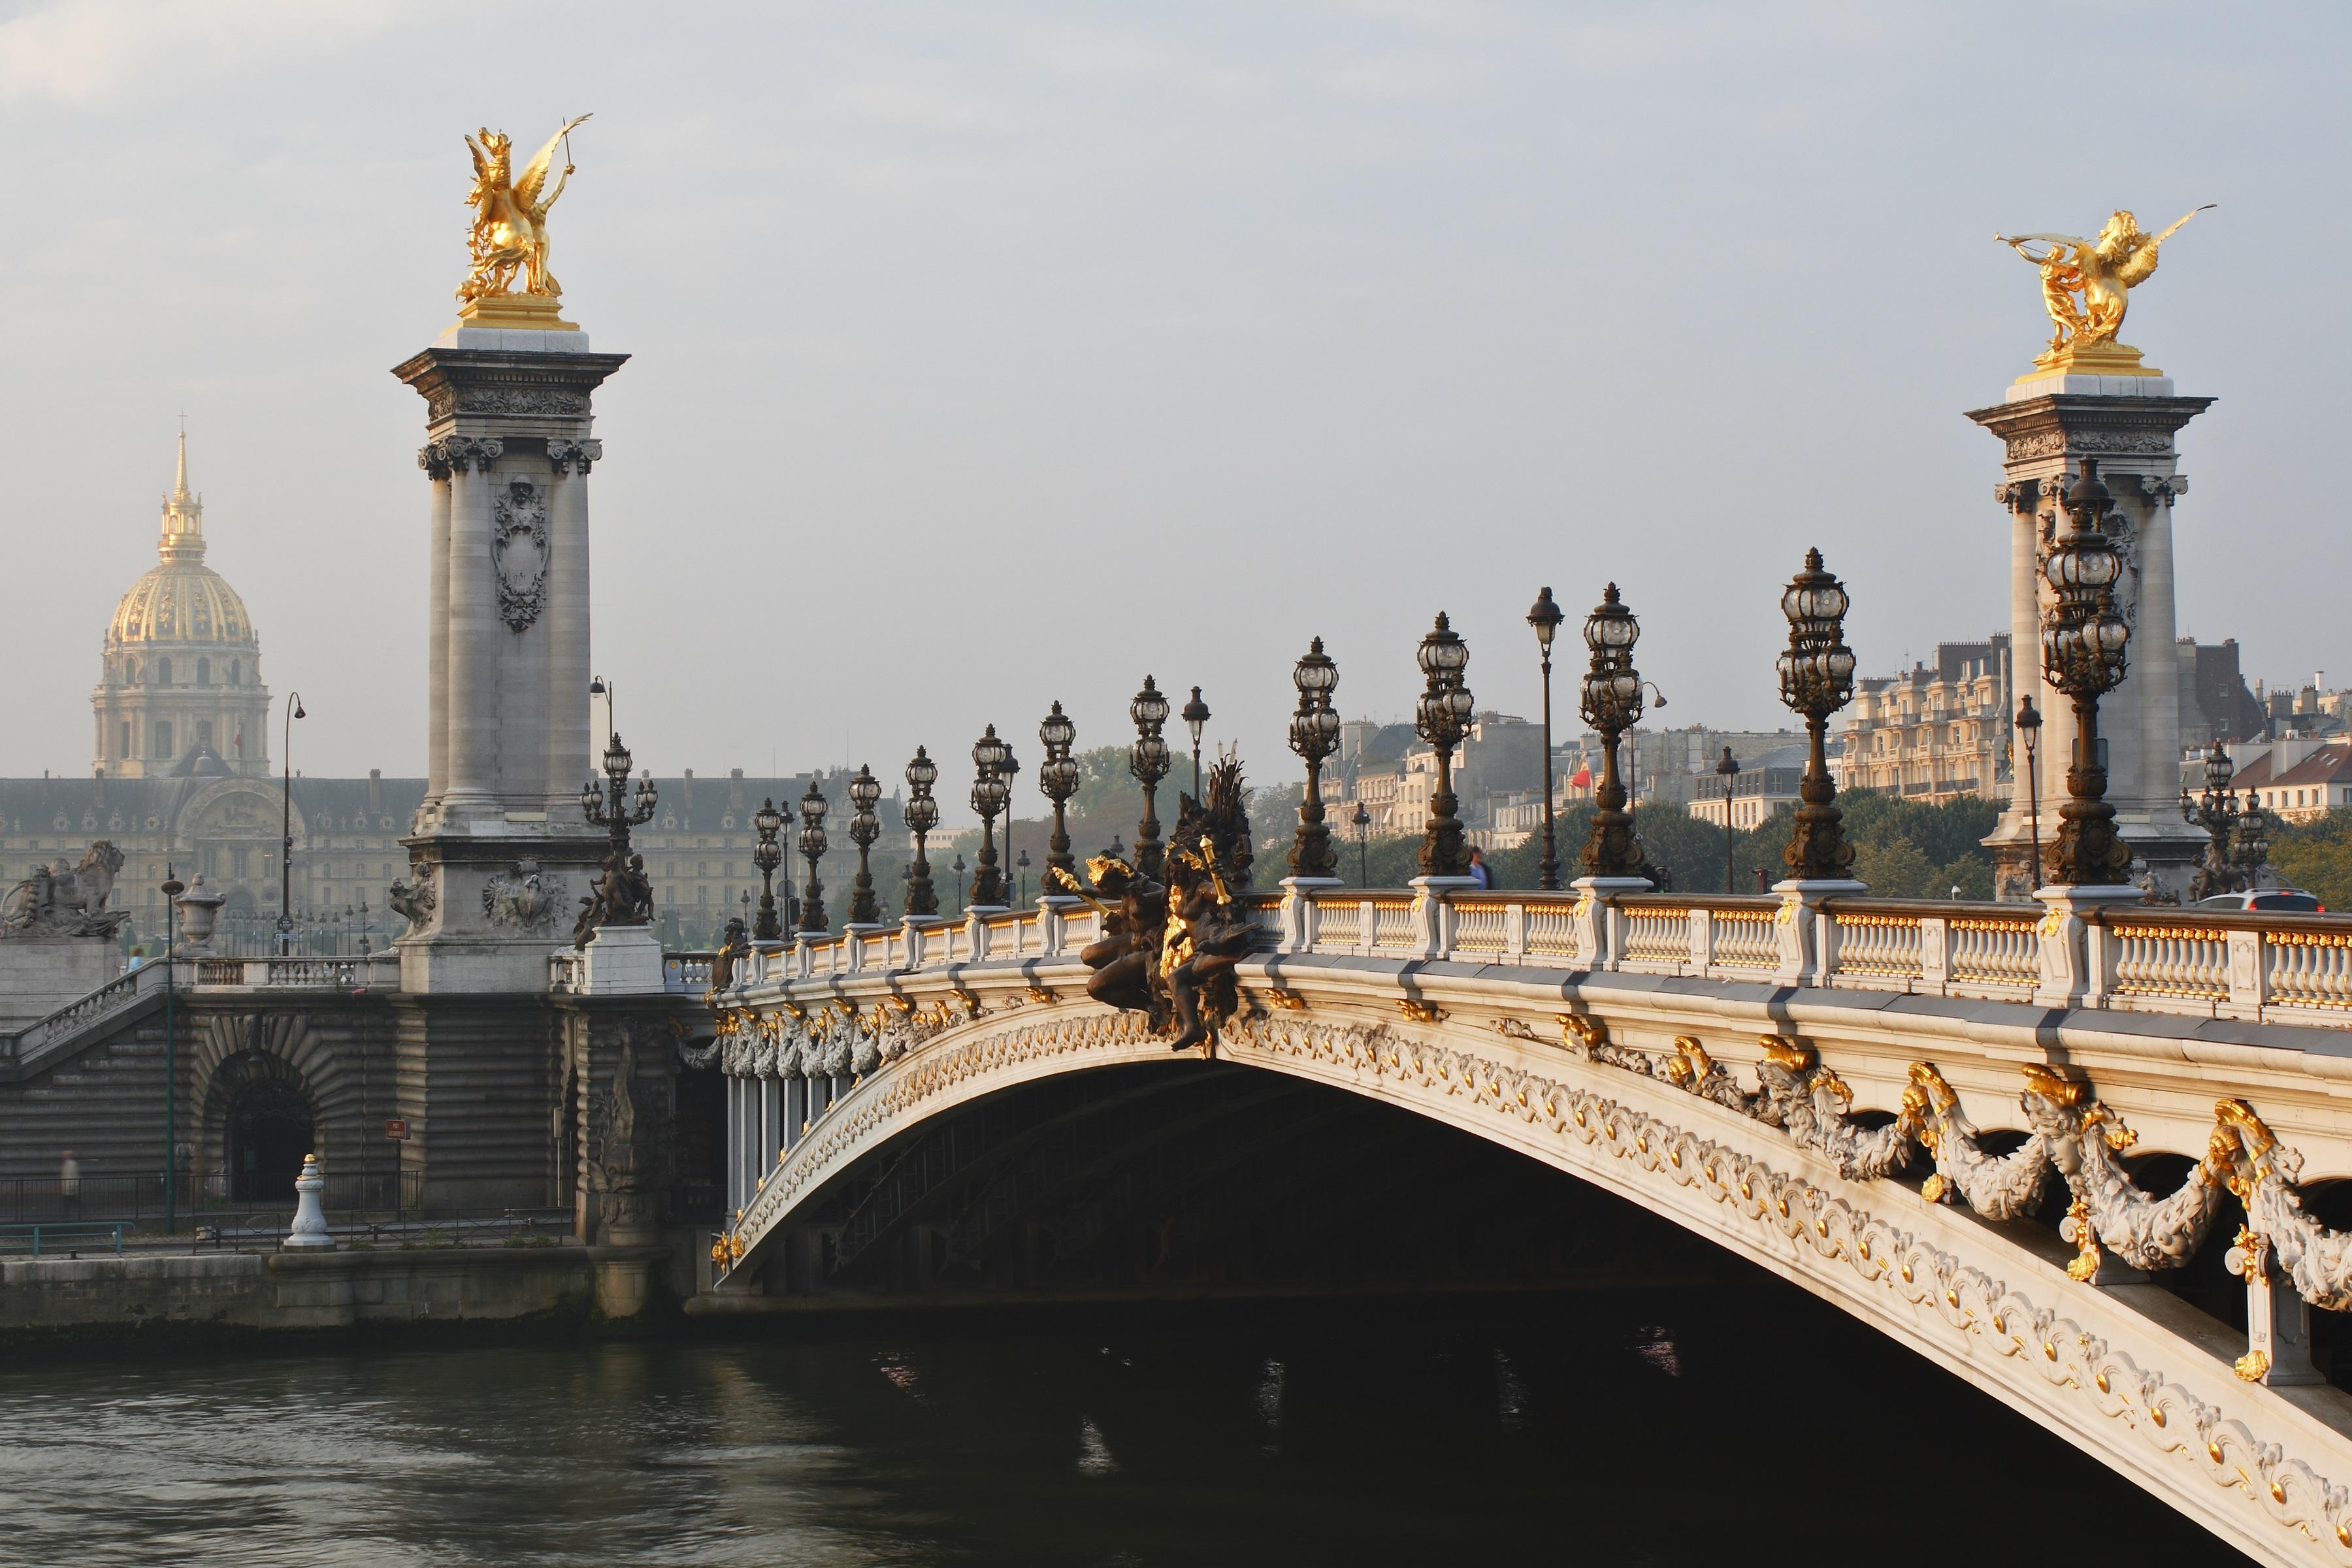 <p><strong>Александър III (Париж, Франция)&nbsp;&nbsp; &nbsp;</strong></p>  <p>Това е може би най-богато украсеният и най-сложно проектиран мост в Париж, блестящ с нимфи, крилати коне, херувими и други. Датиращ от XIX в. той се извисява над река Сена и е кръстен на руския цар Александър III.</p>